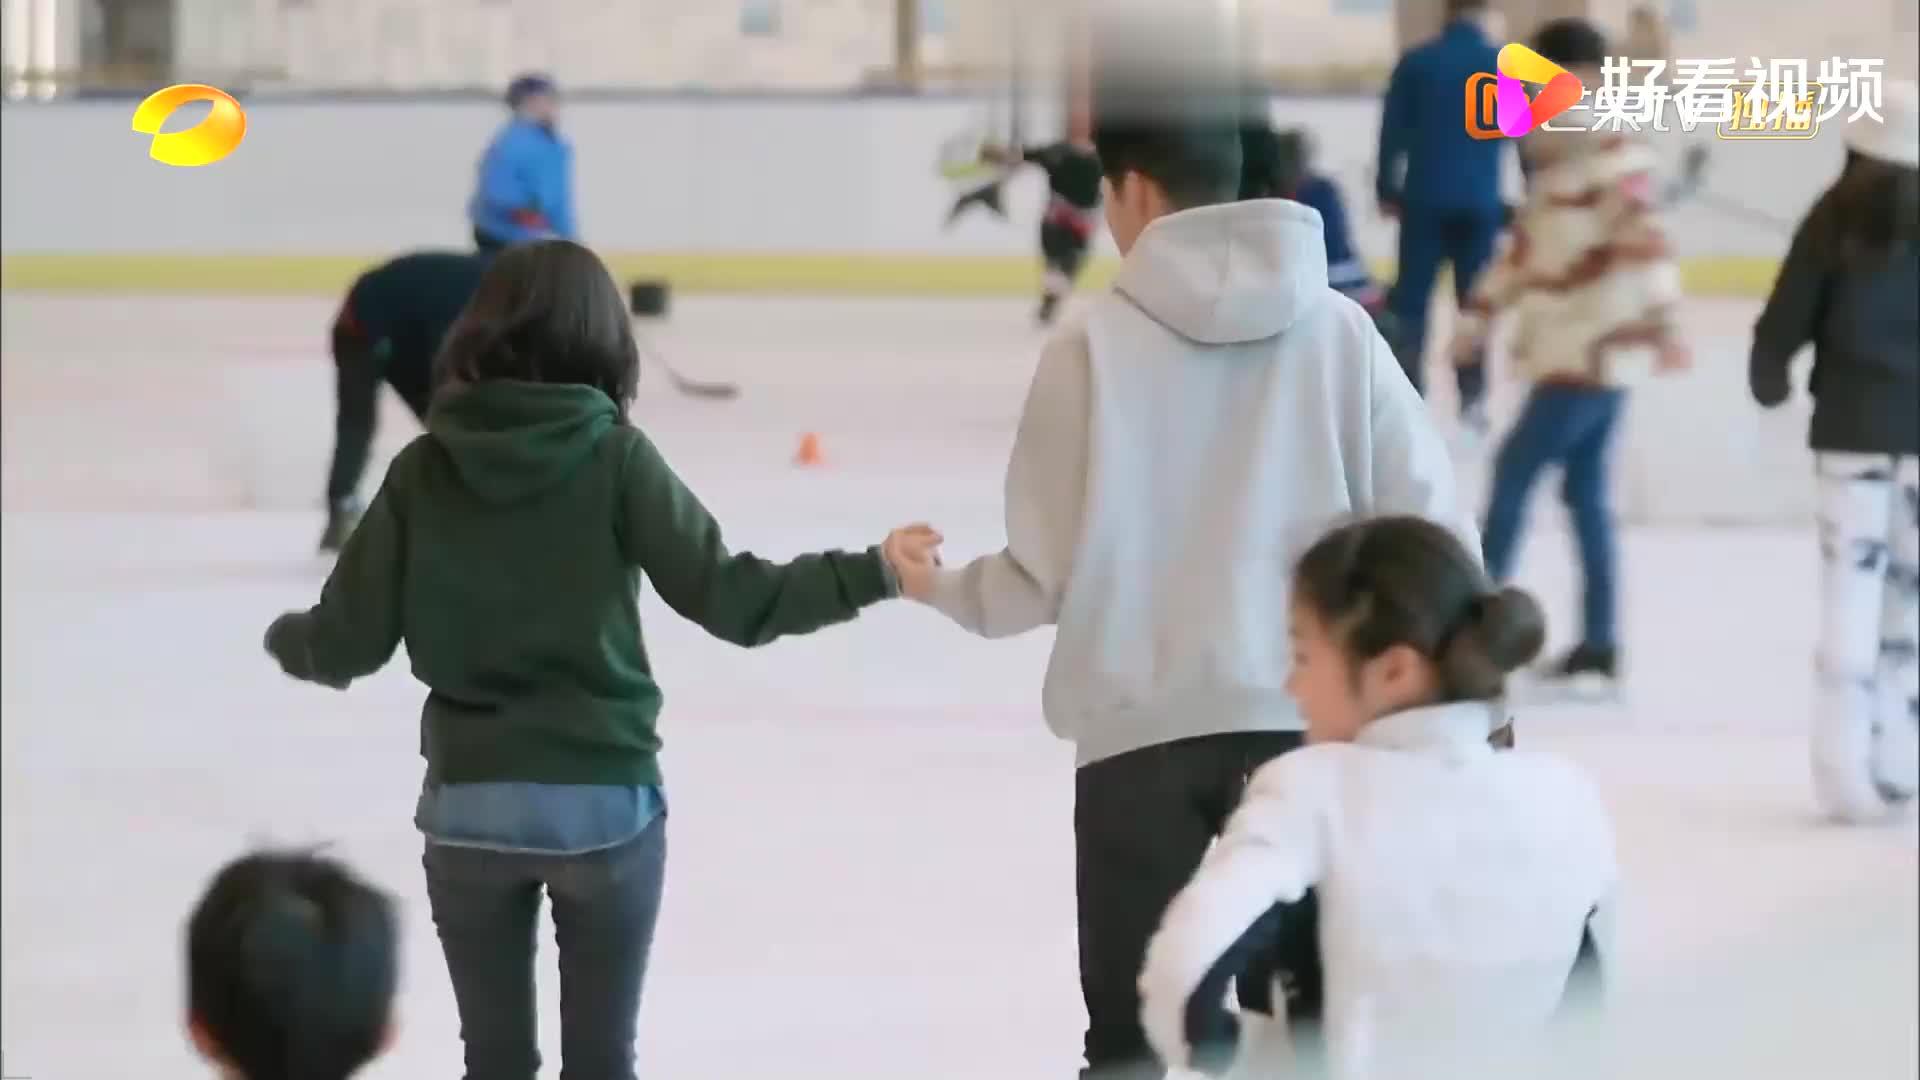 王子文吴永恩牵手滑冰,看两人十指紧握欢声笑语,感情升温!